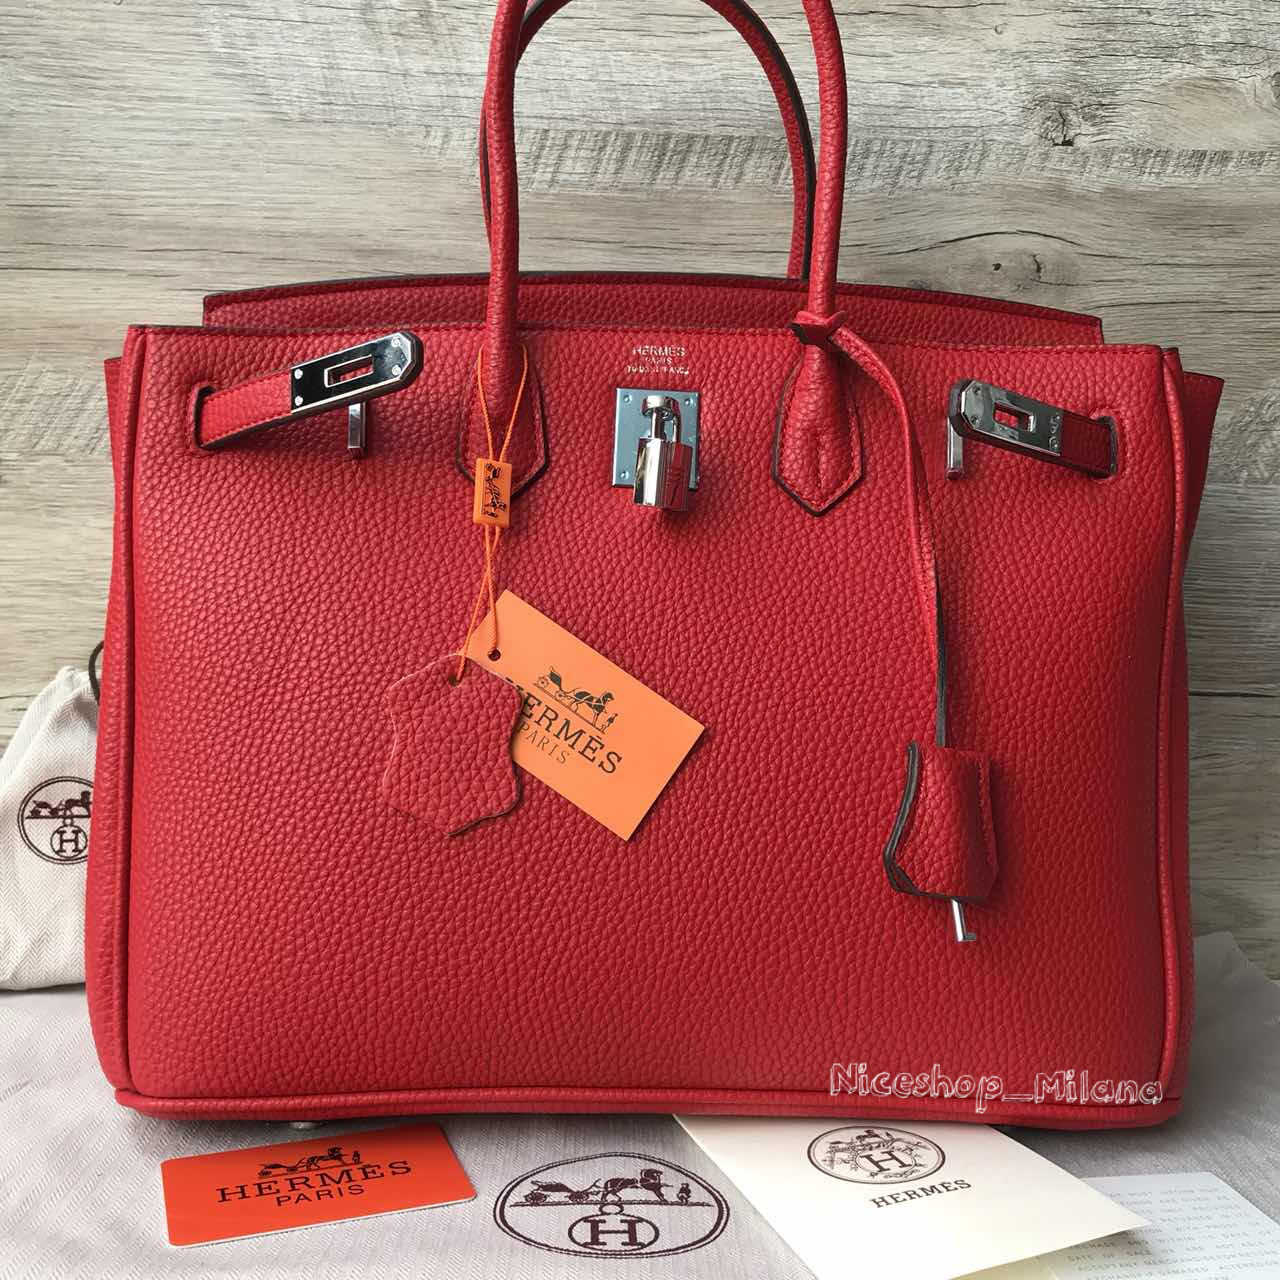 7164a3bd290a Люкс-копия Эрмес Биркин красная, кожа, 35 см, стандарт: продажа ...